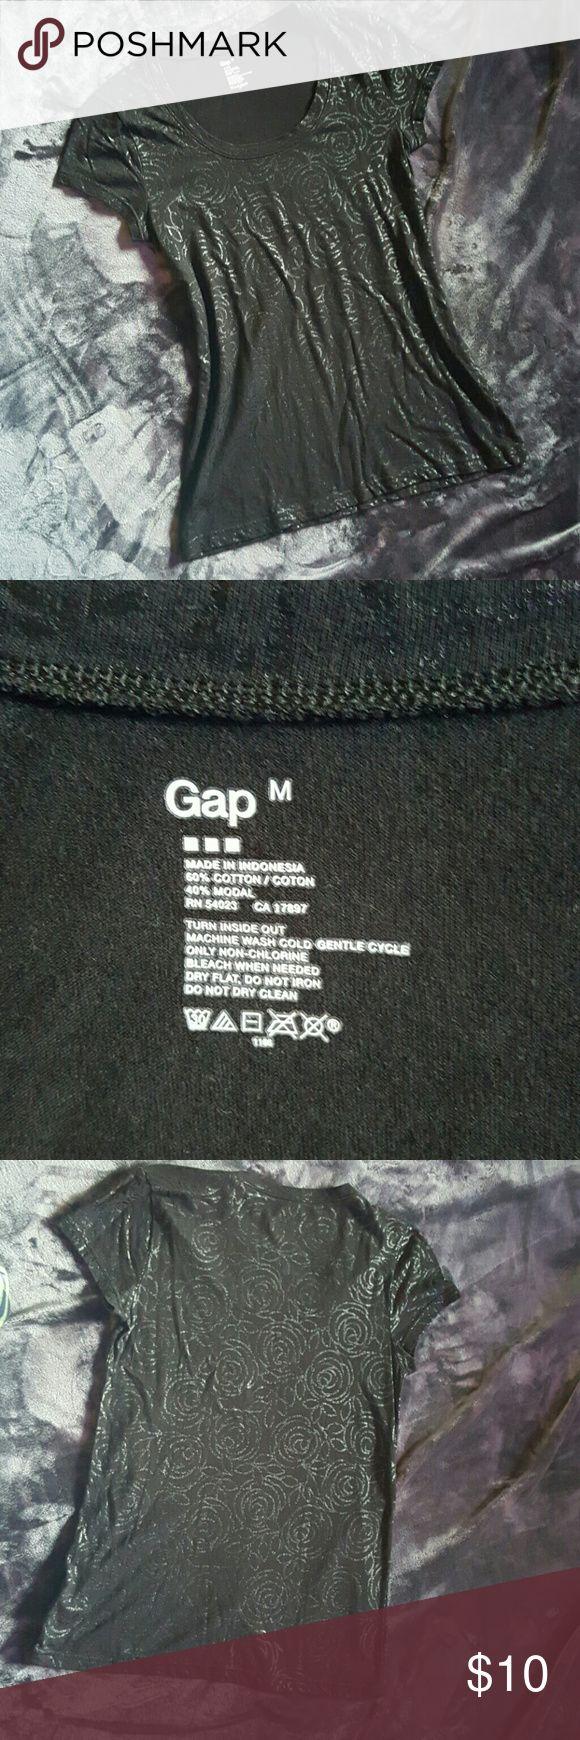 🚩FLASH SALE GAP black short sleeve top NWOT Gap black short sleeve top NWOT GAP Tops Tees - Short Sleeve